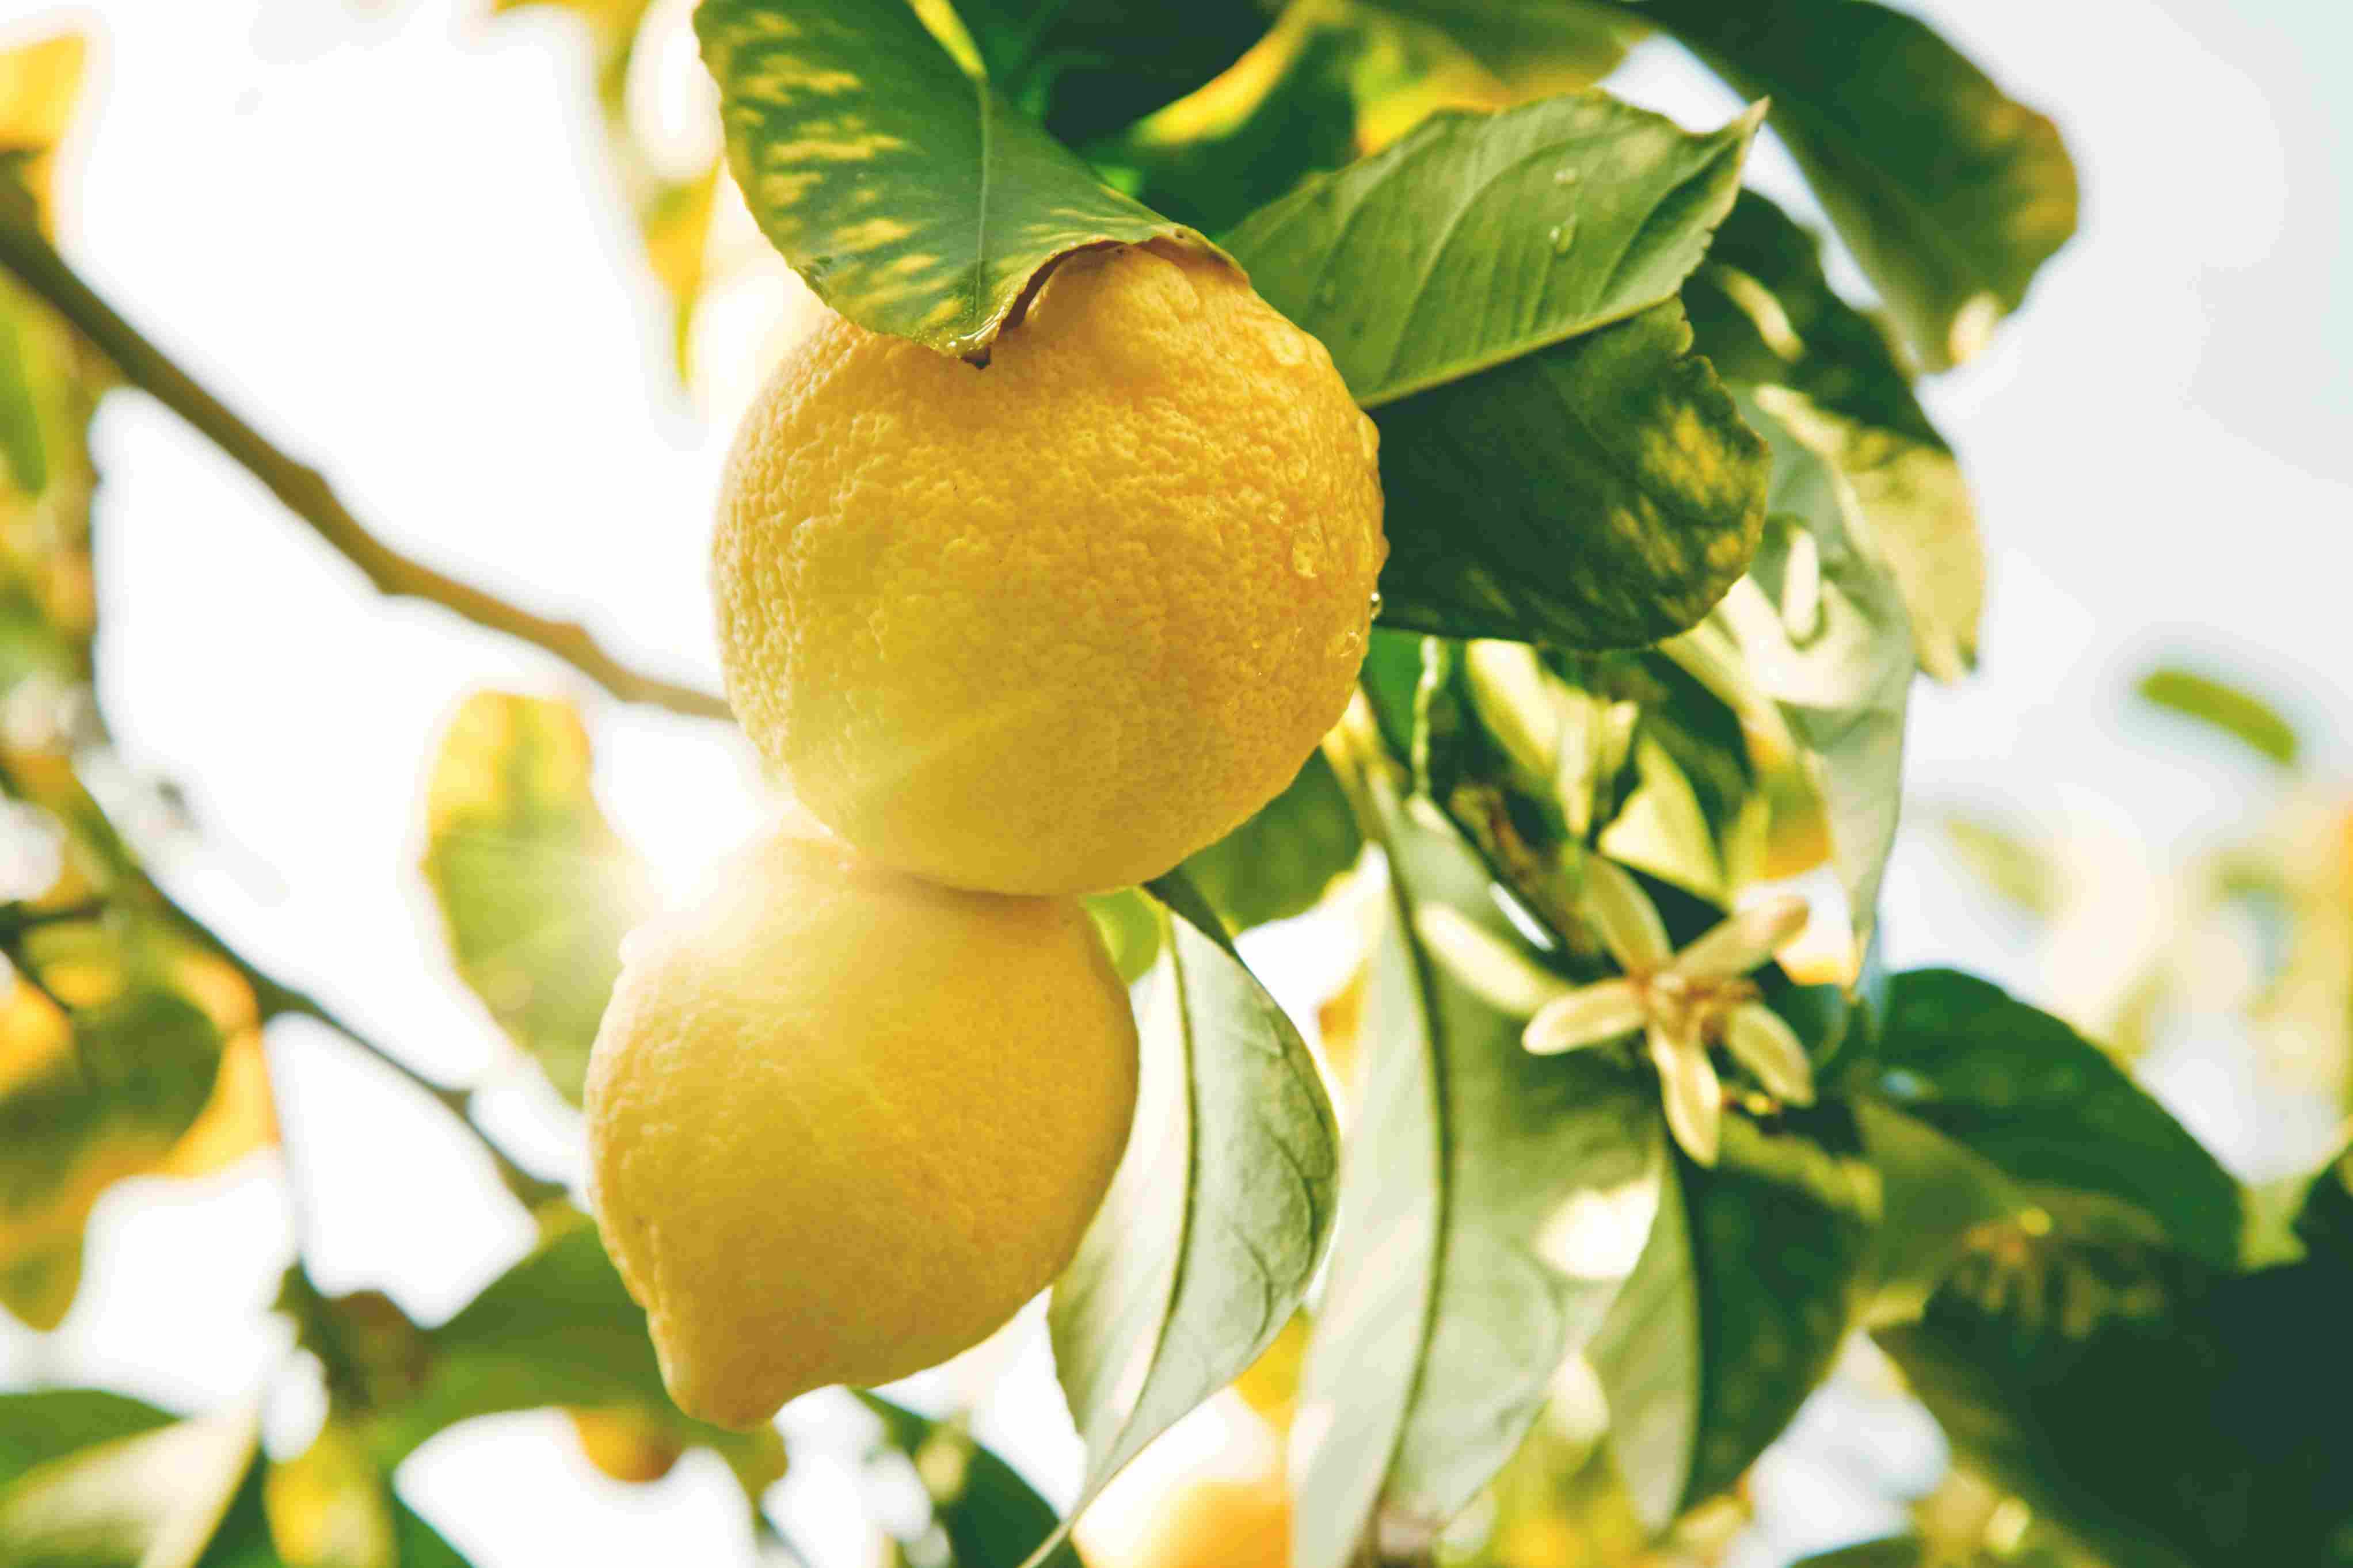 Limone-Meteoweek.com